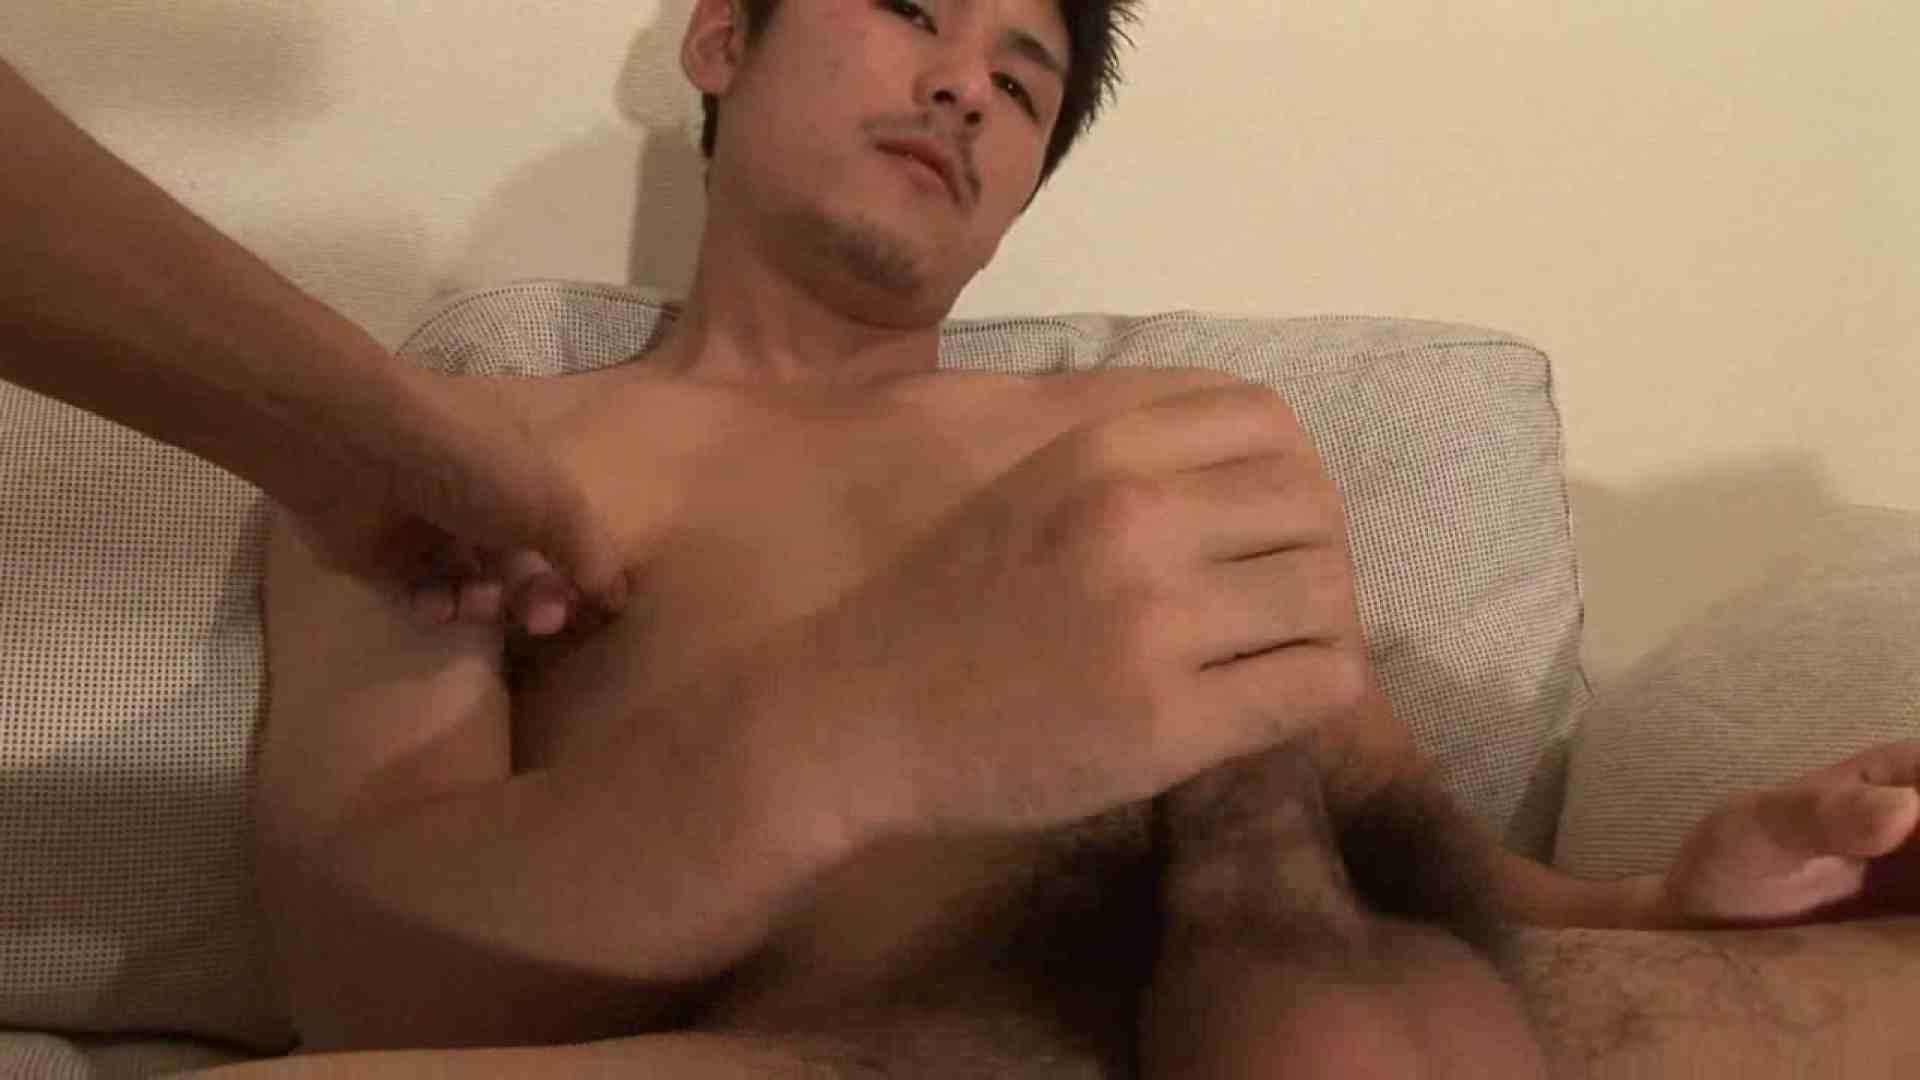 オラオラ系兄貴の飛ばしてなんぼ!! 入浴・シャワーシーン ゲイ精子画像 91枚 80